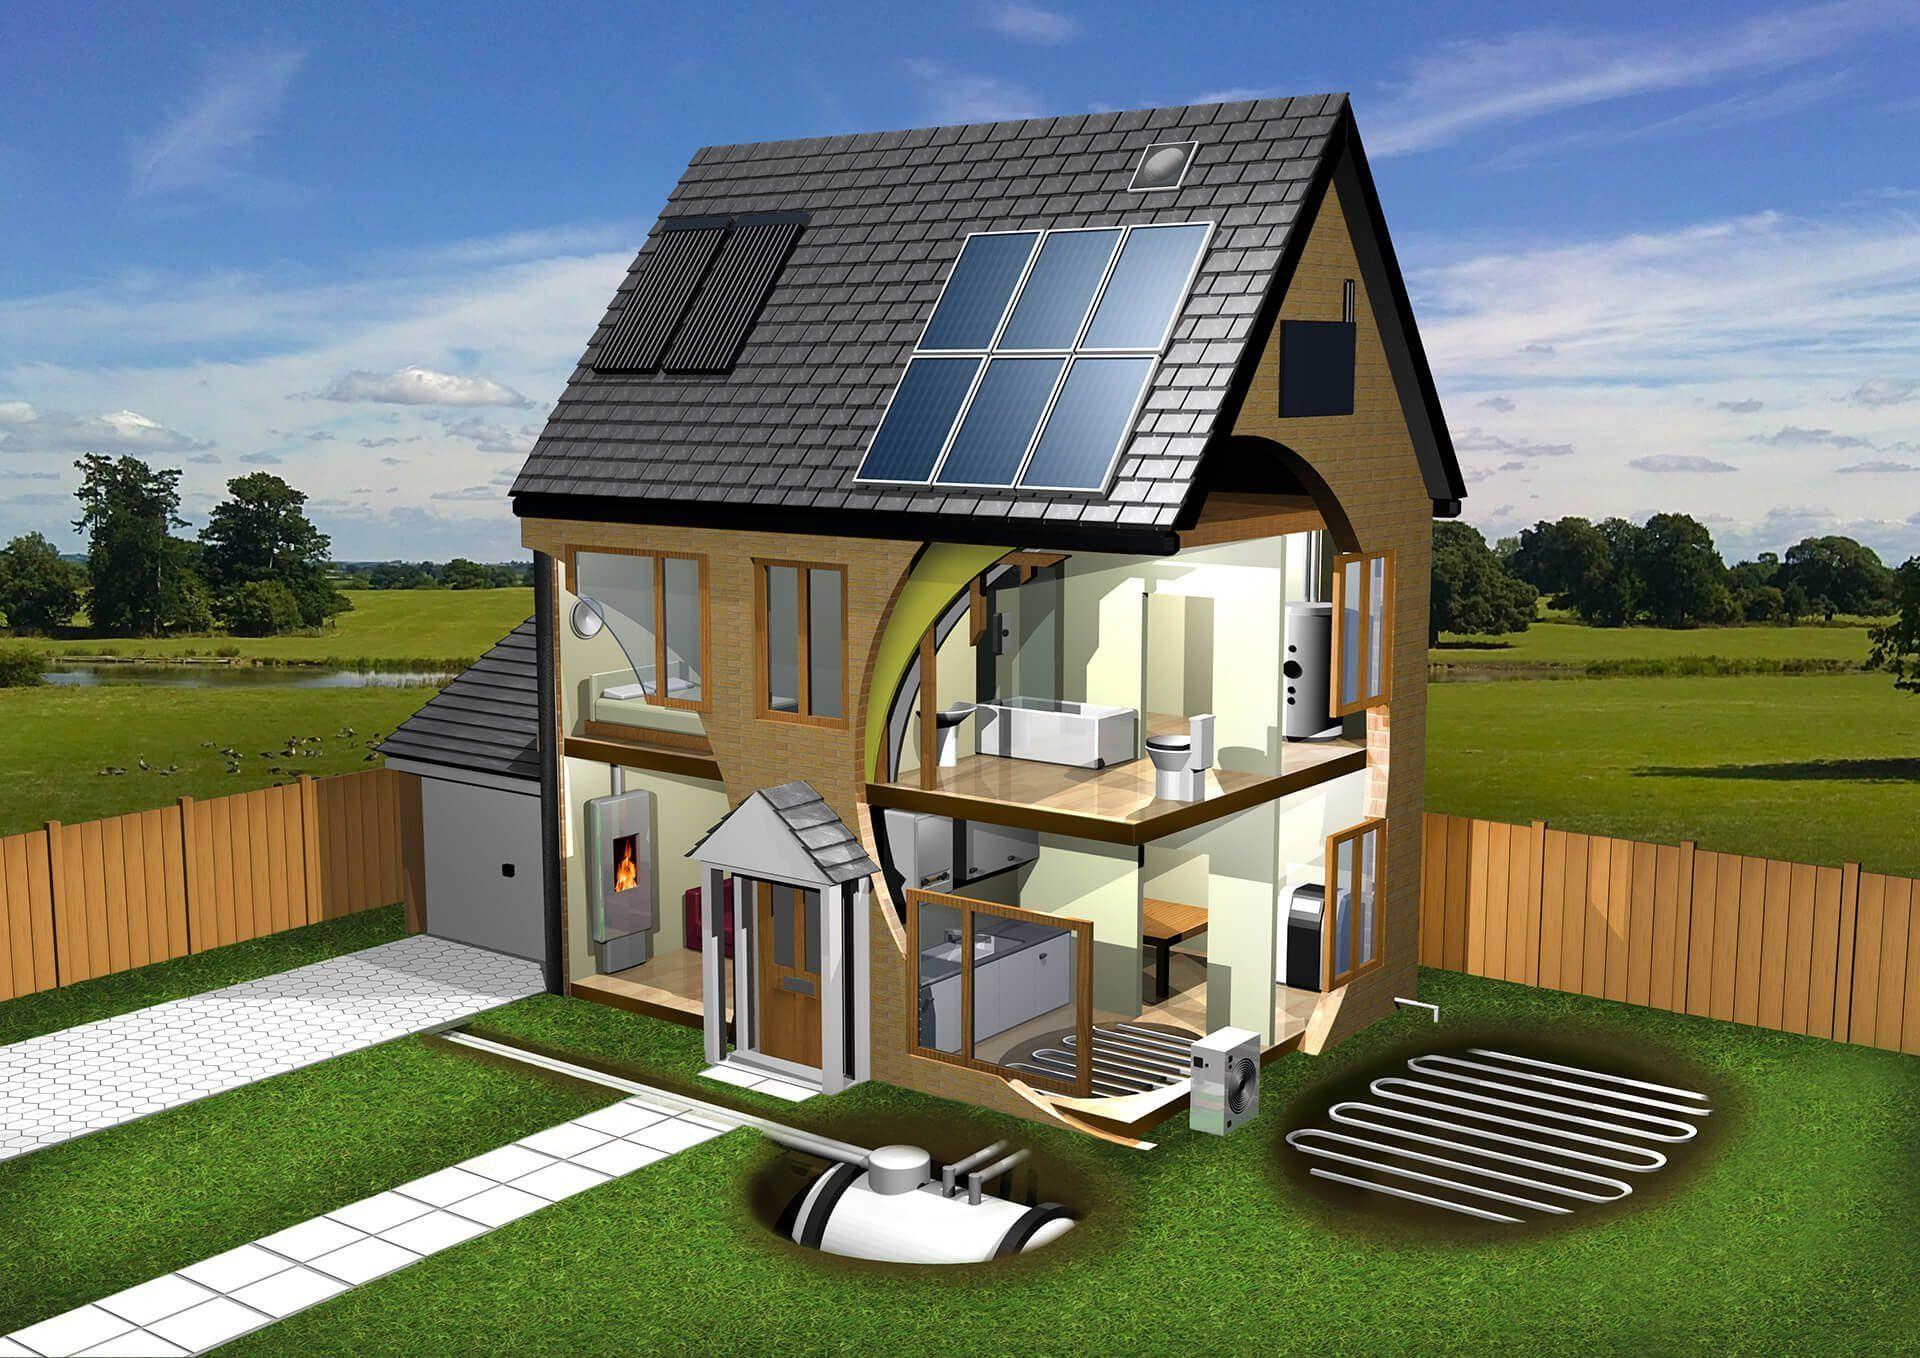 Hoe krijg je duurzaam huis? | Romijnders